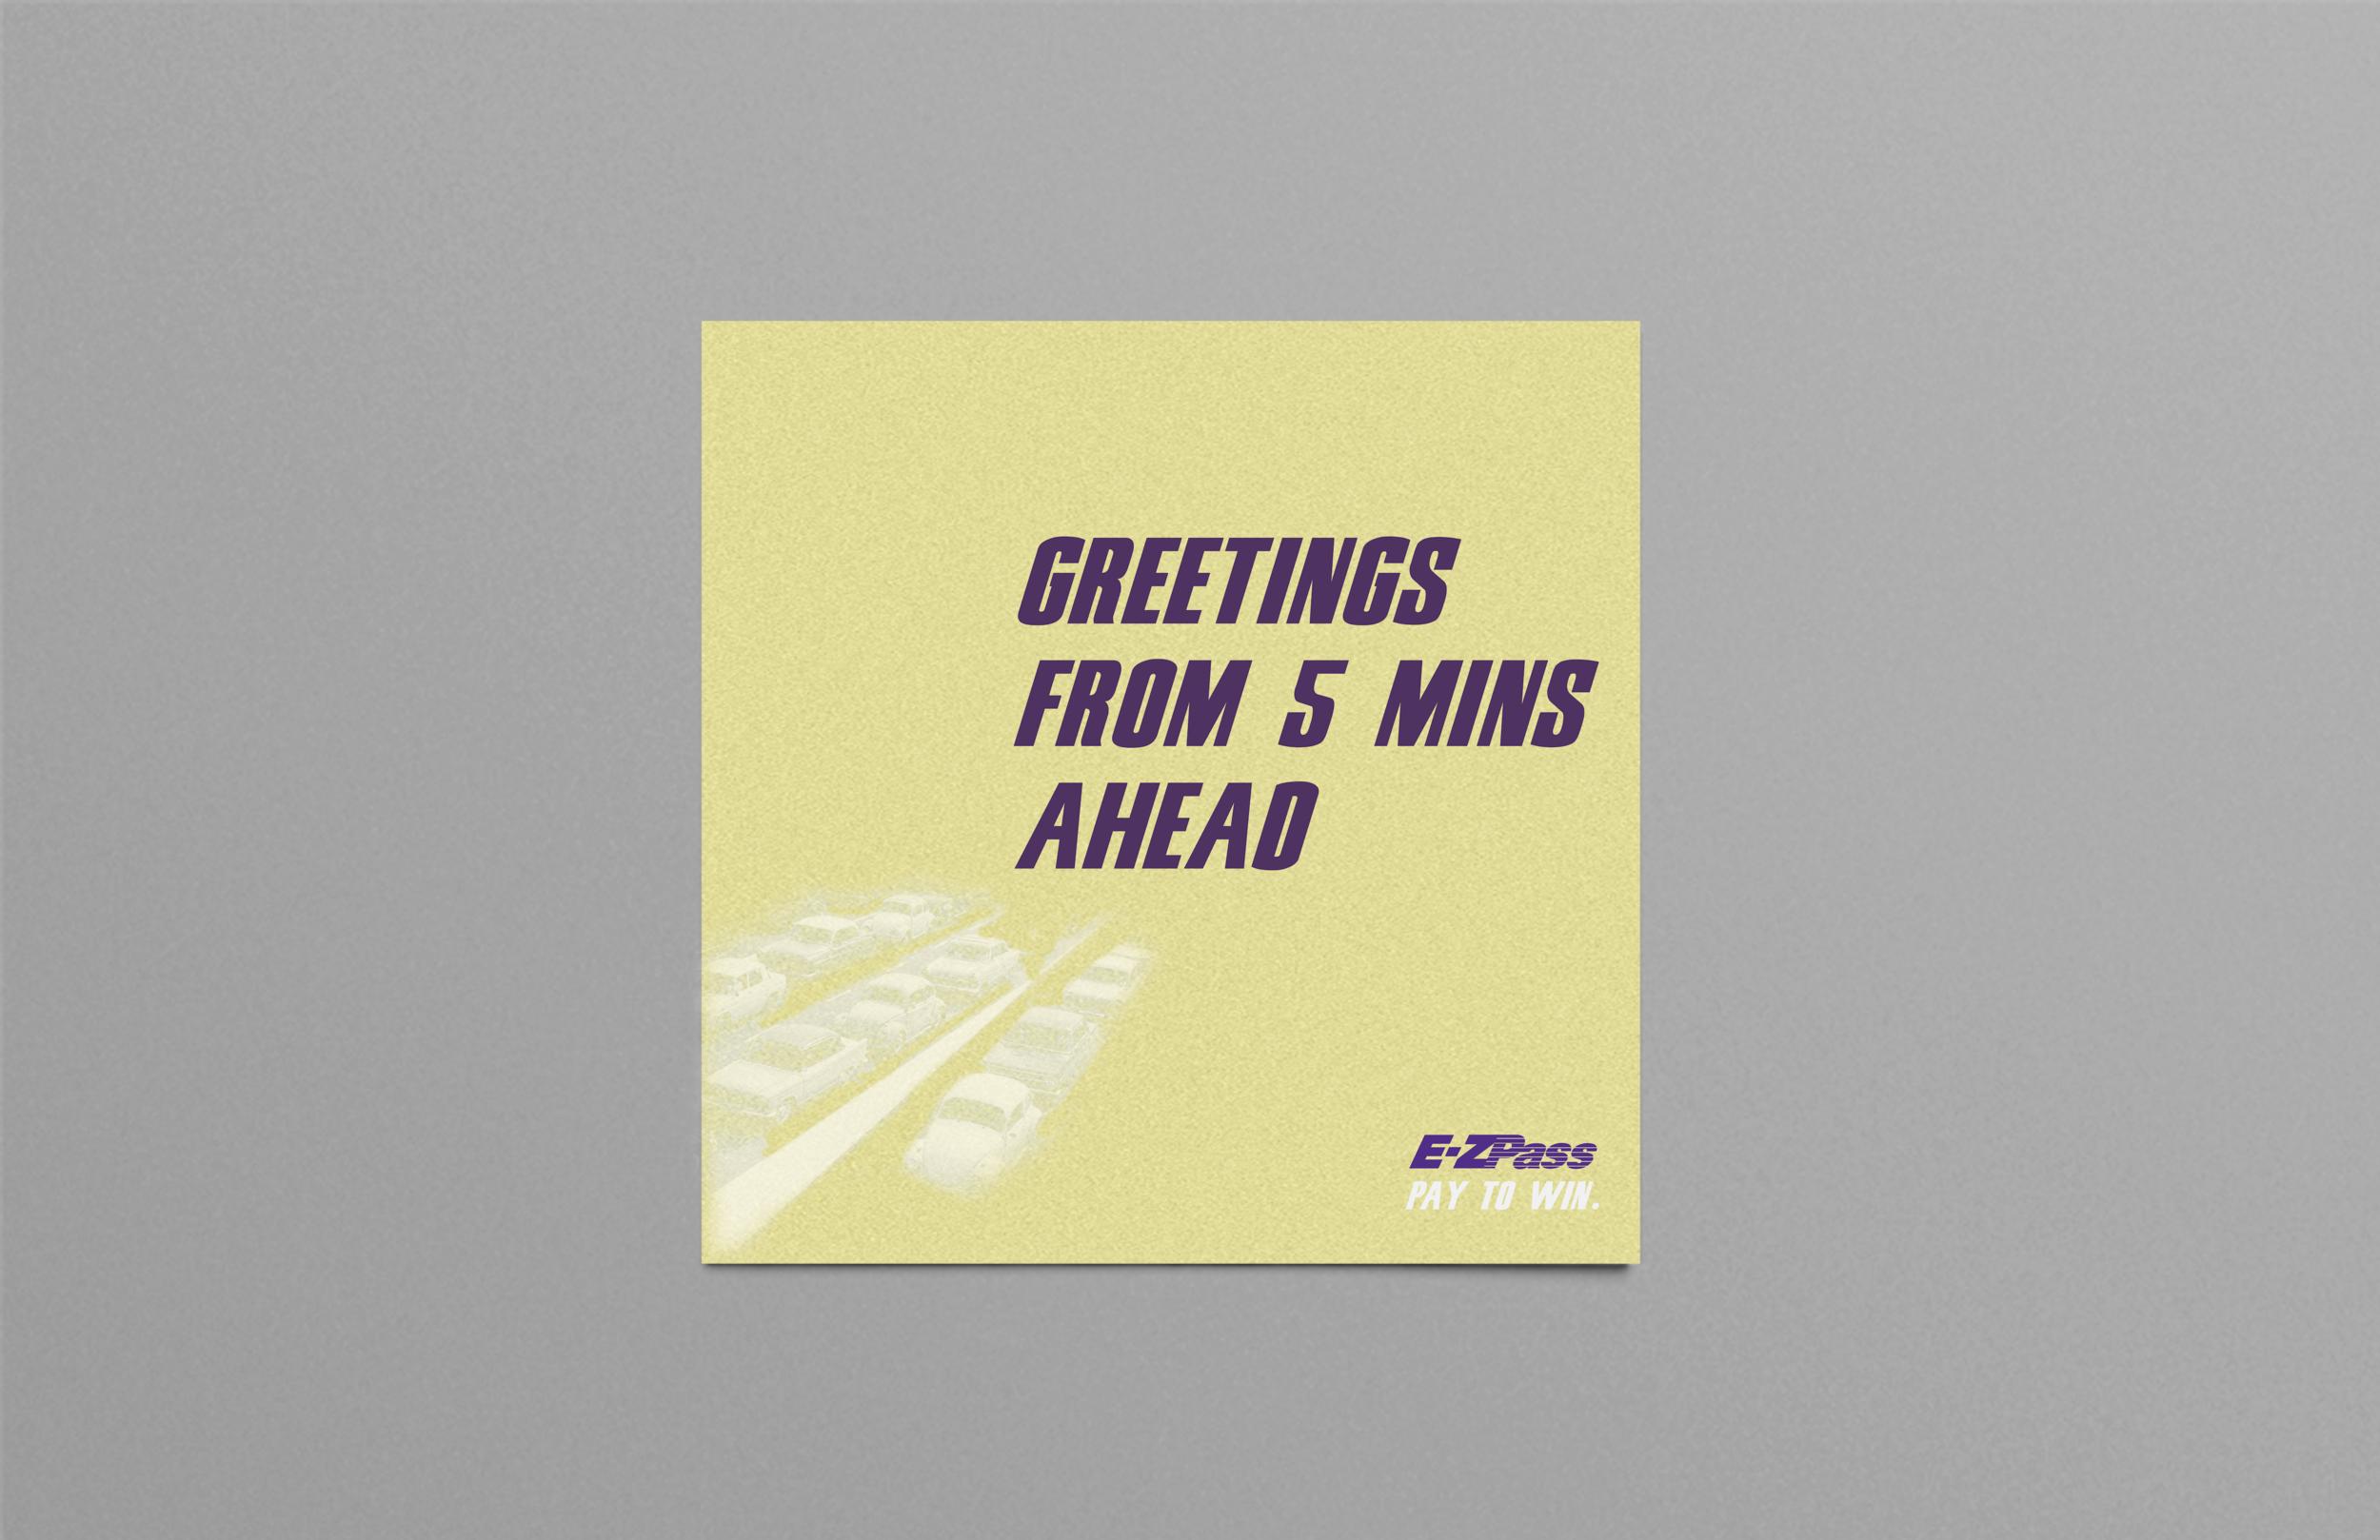 ezpass_directmail_2.png